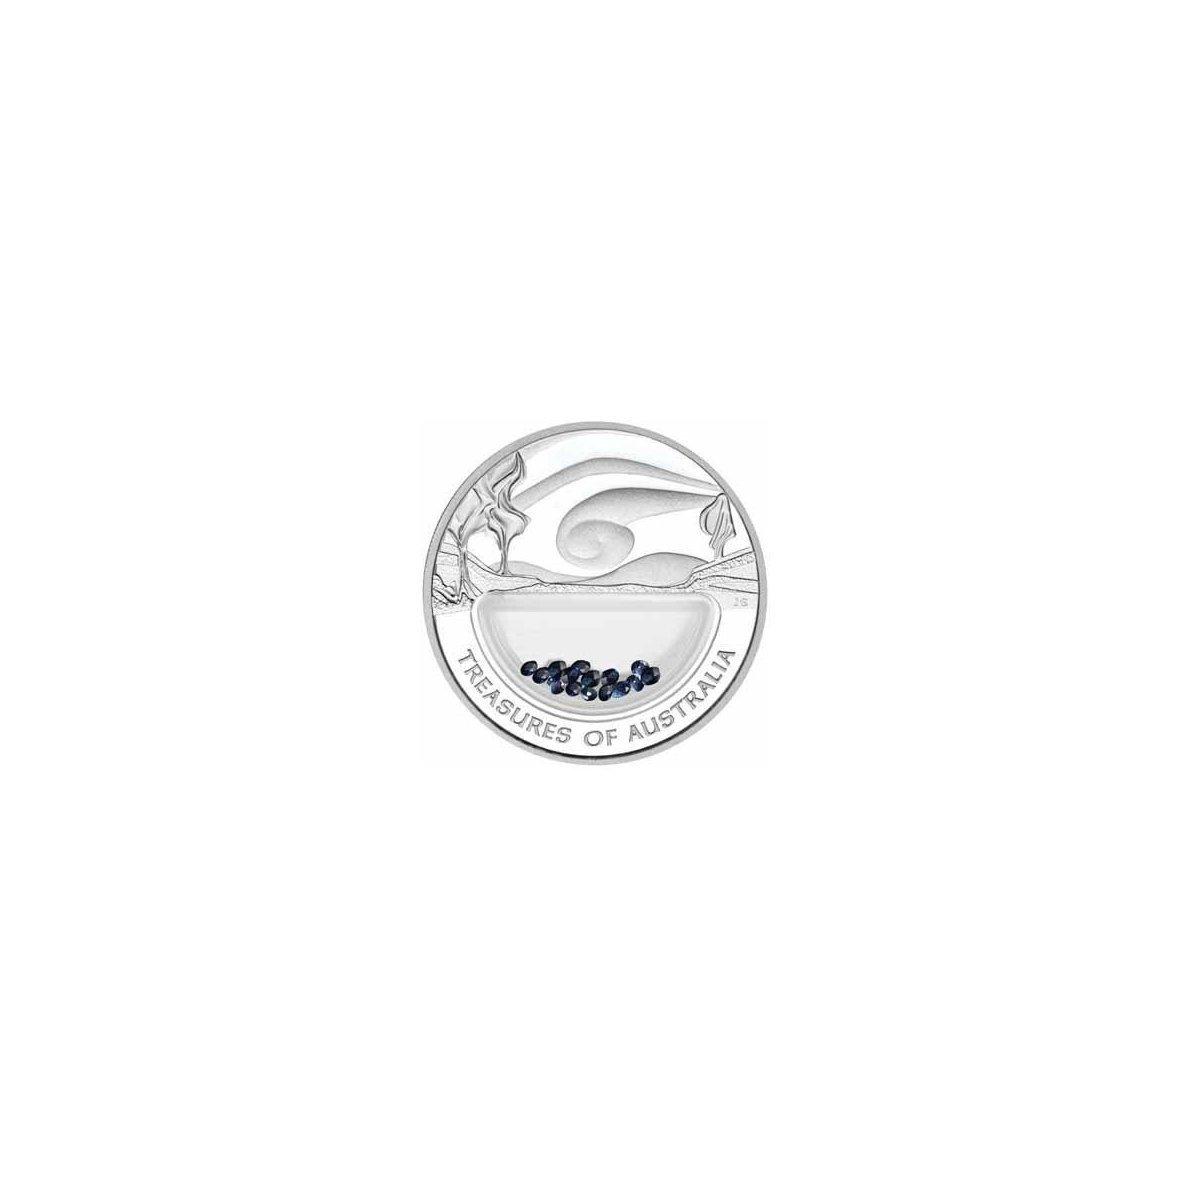 Schätze von Australien - Sapphires  1 1 Unze Silbermünze - Australien 2007